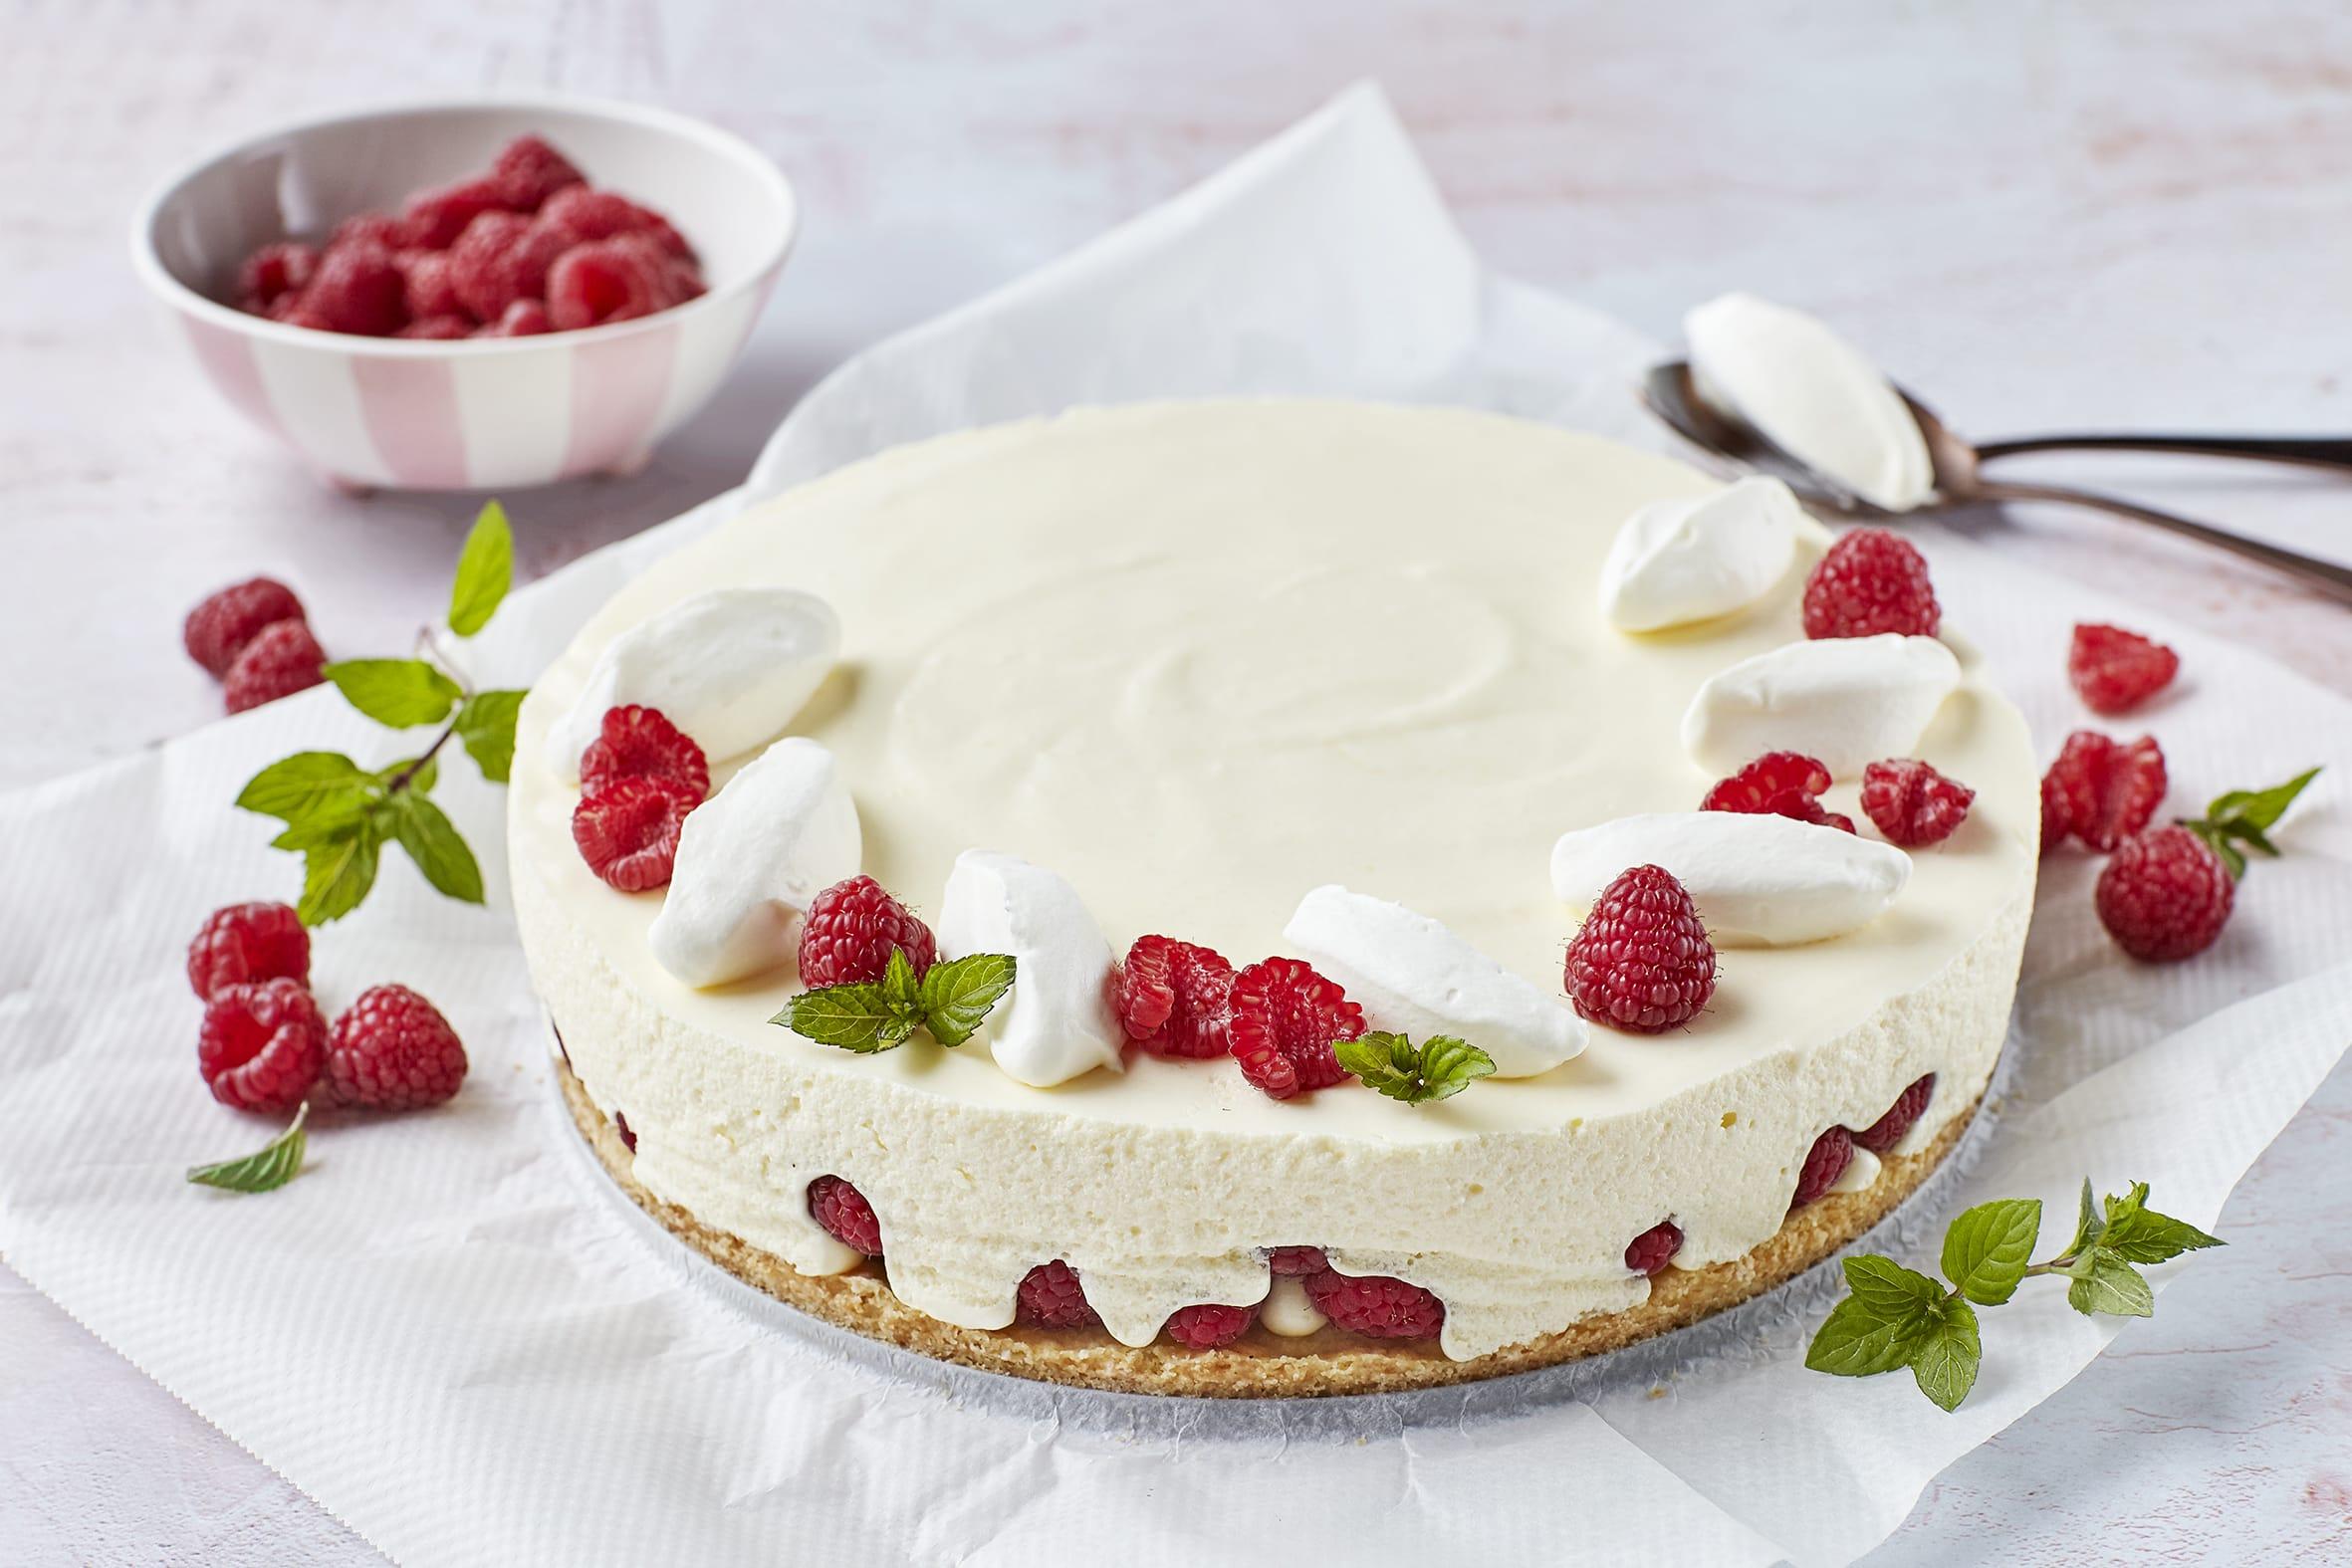 Gâteau au séré et aux framboises